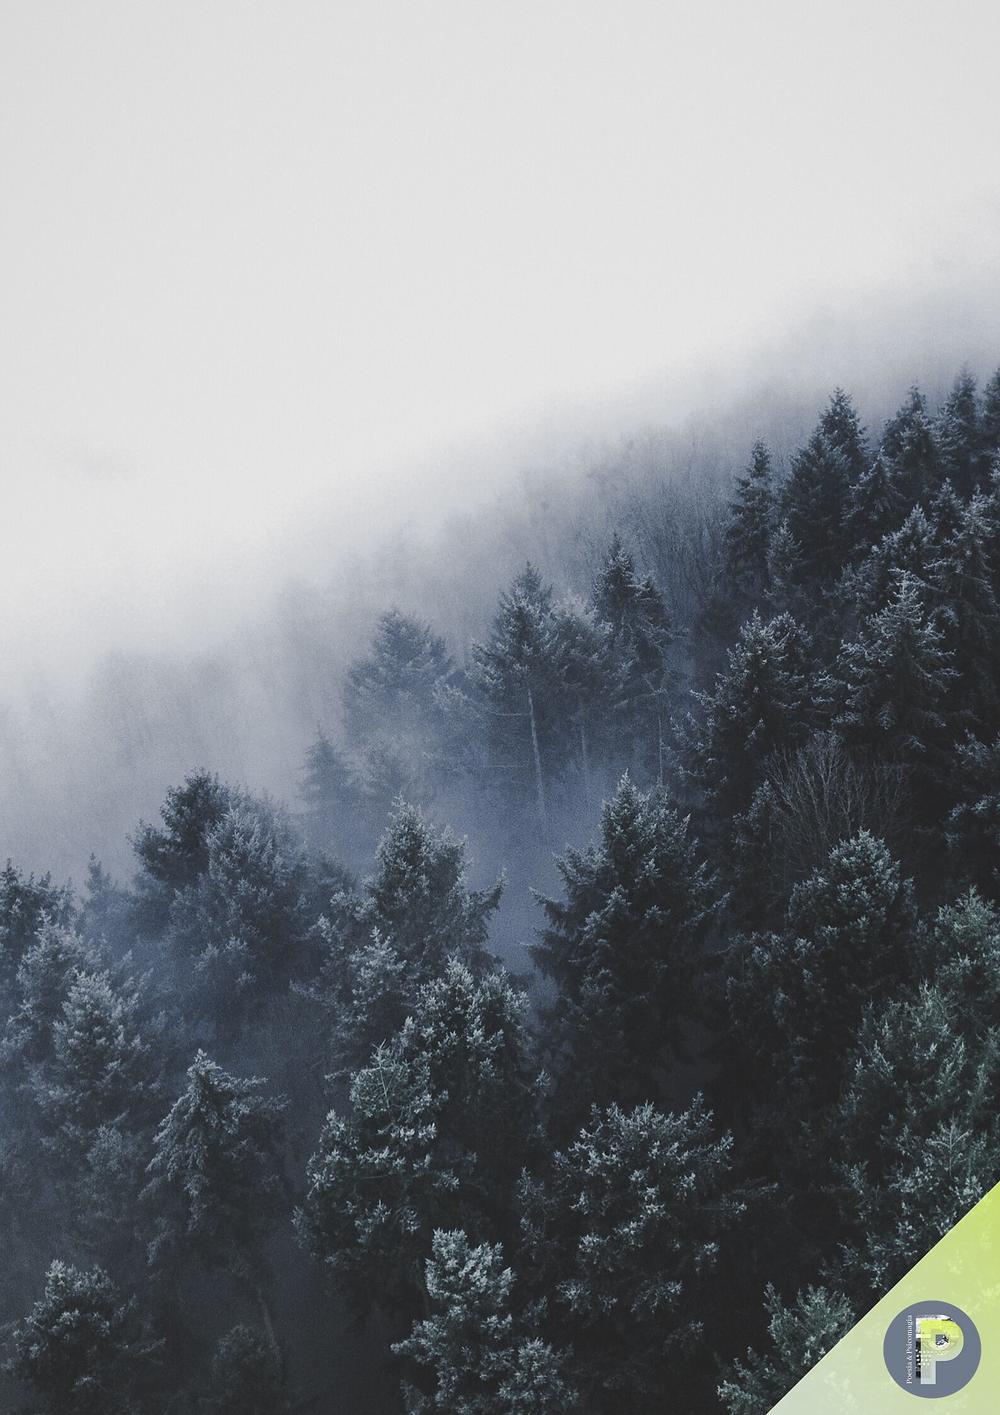 Poesie psicomagiche d'inverno - Gennaio